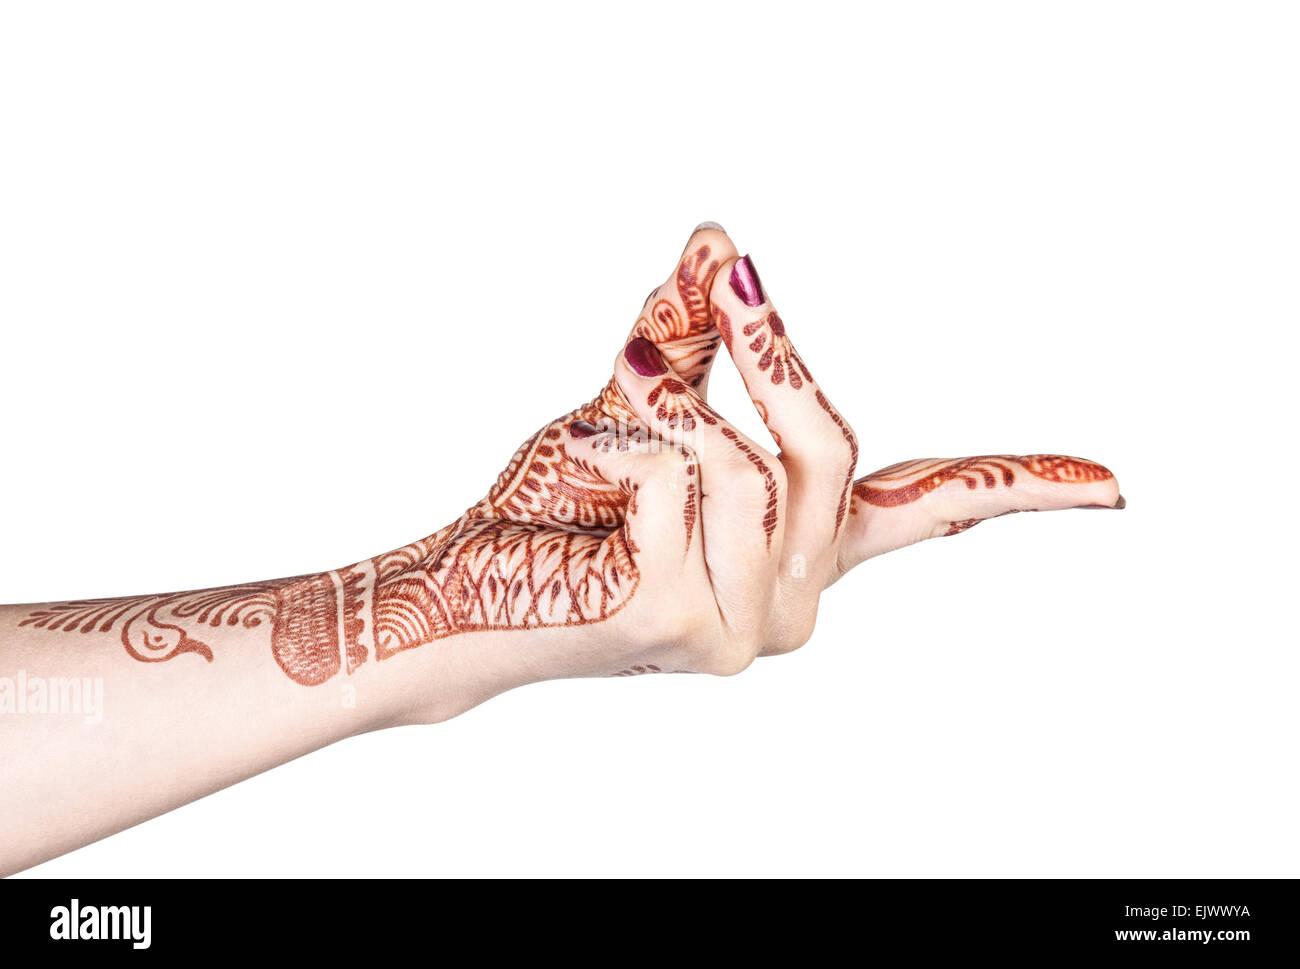 Frau Hand mit Henna bronchiale Mudra isoliert auf weißem Hintergrund mit Beschneidungspfad zu tun Stockbild